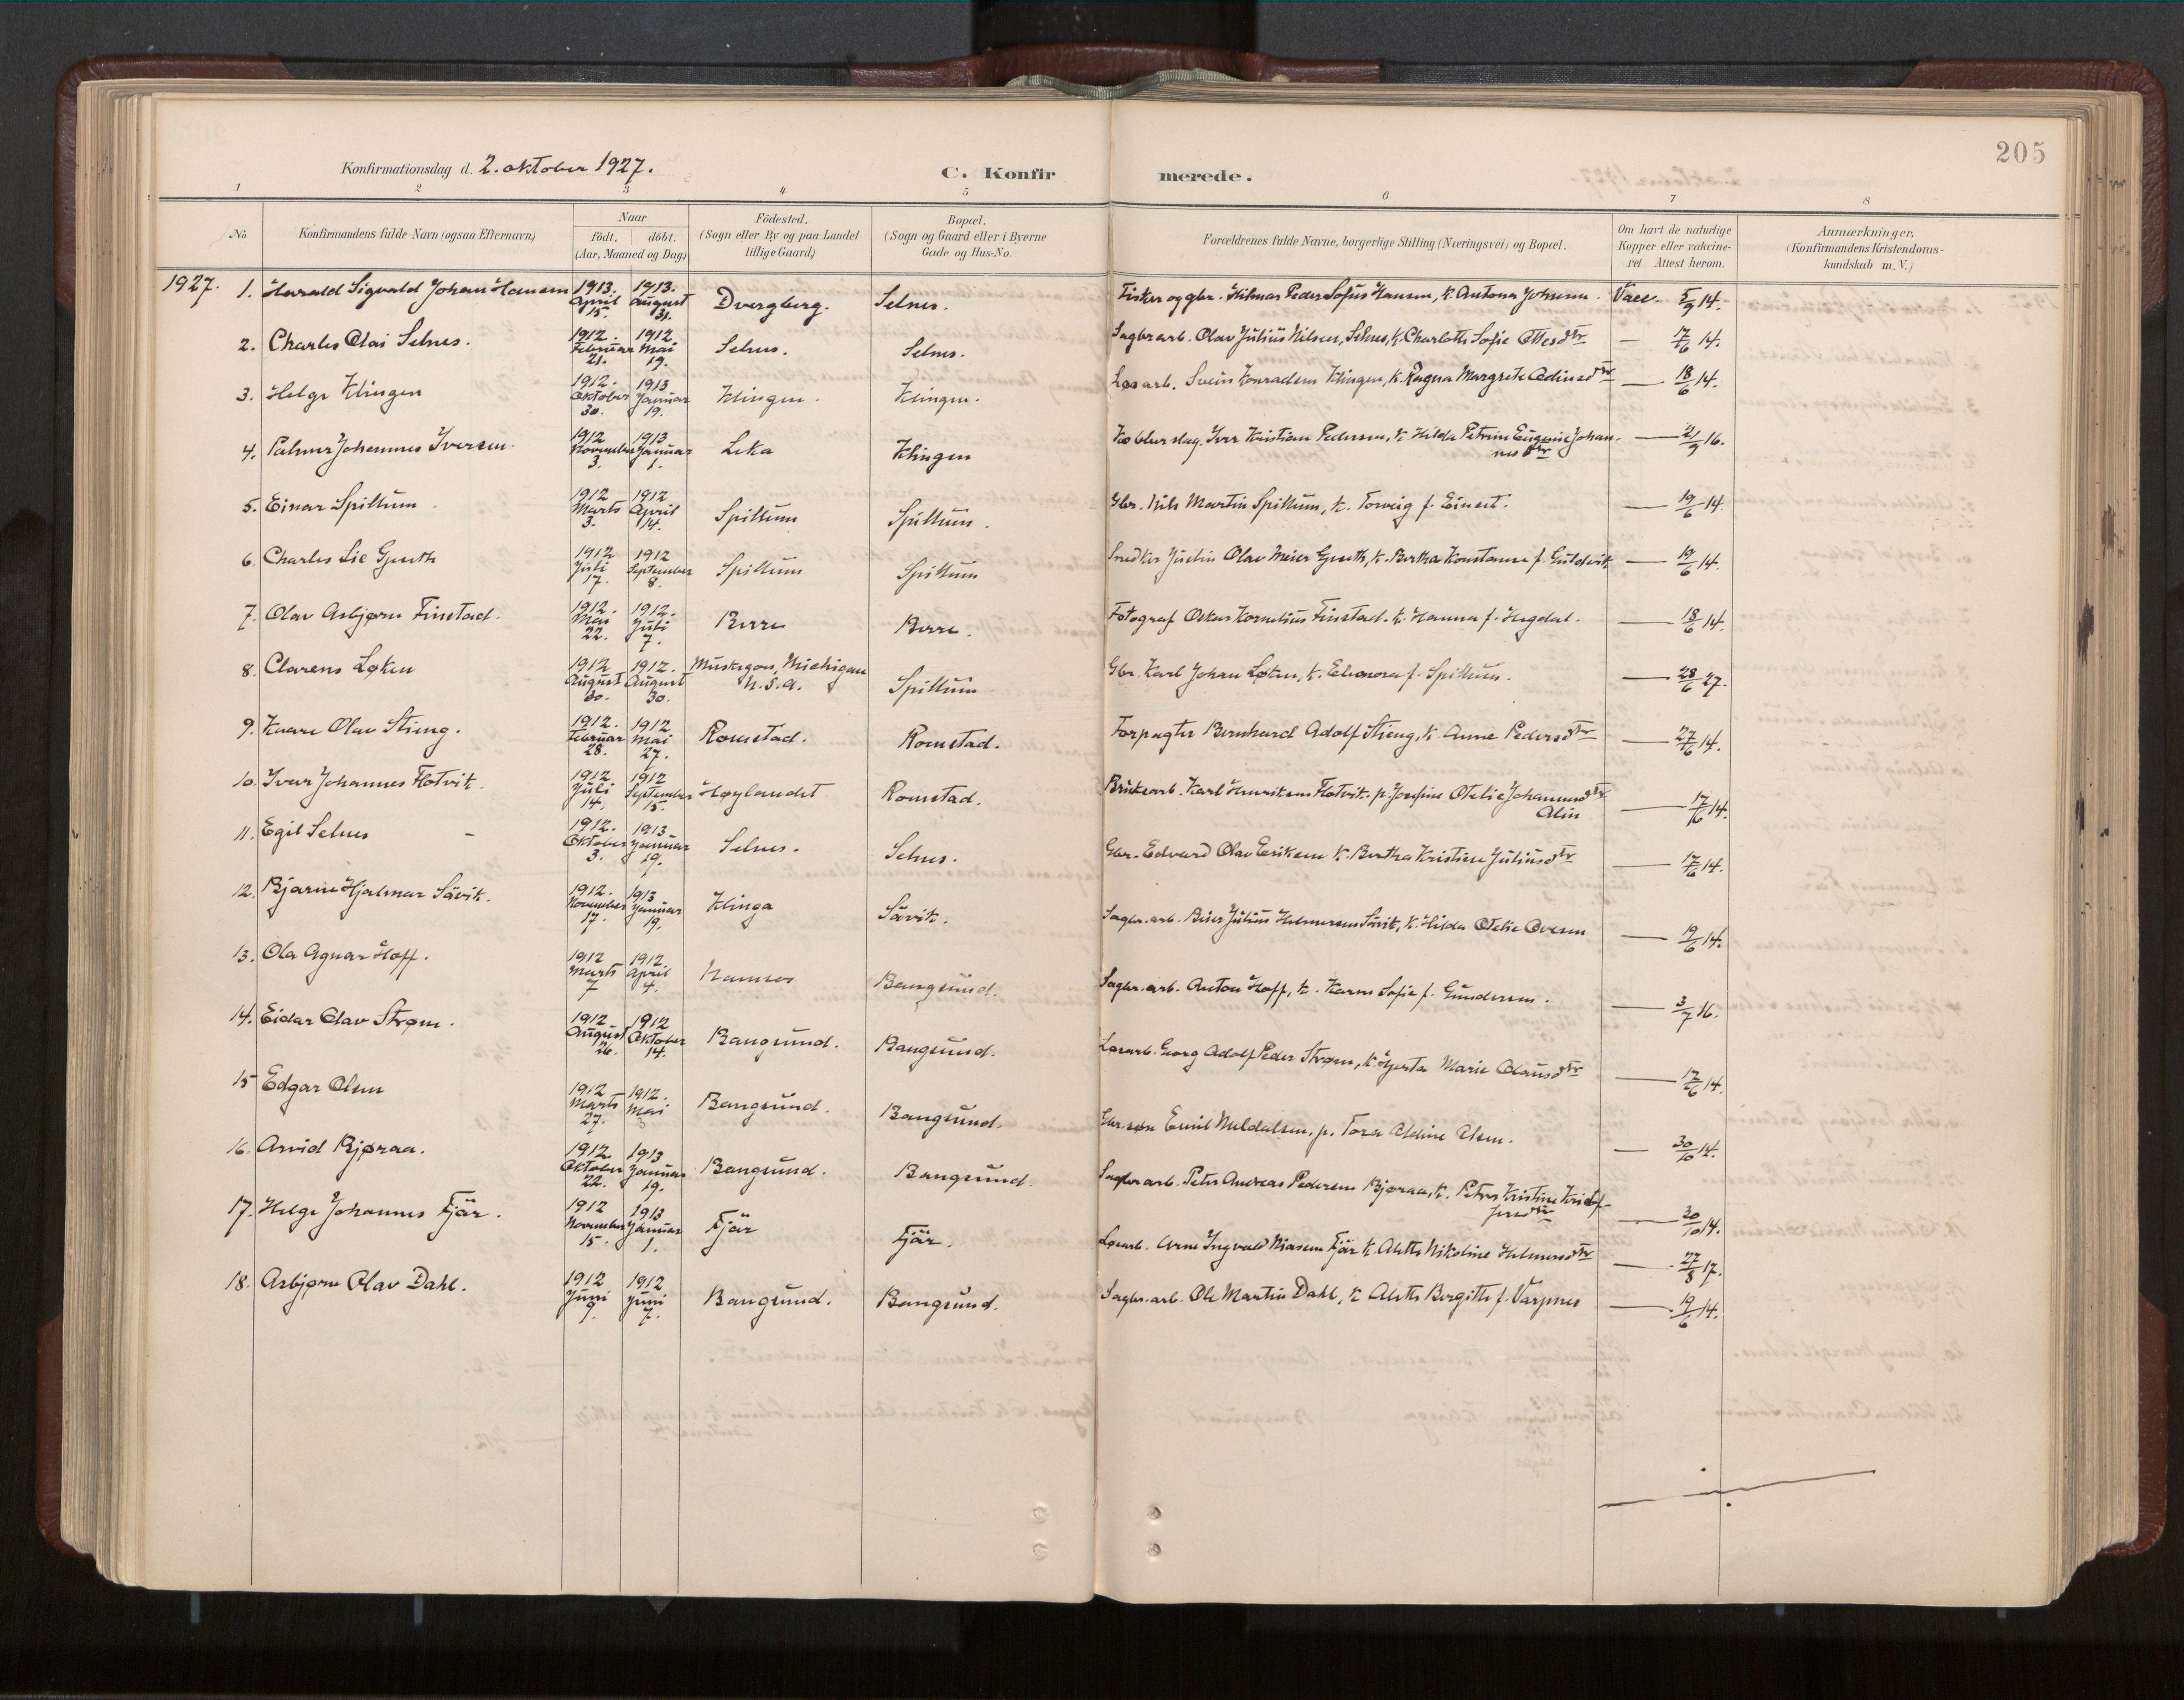 SAT, Ministerialprotokoller, klokkerbøker og fødselsregistre - Nord-Trøndelag, 770/L0589: Ministerialbok nr. 770A03, 1887-1929, s. 205